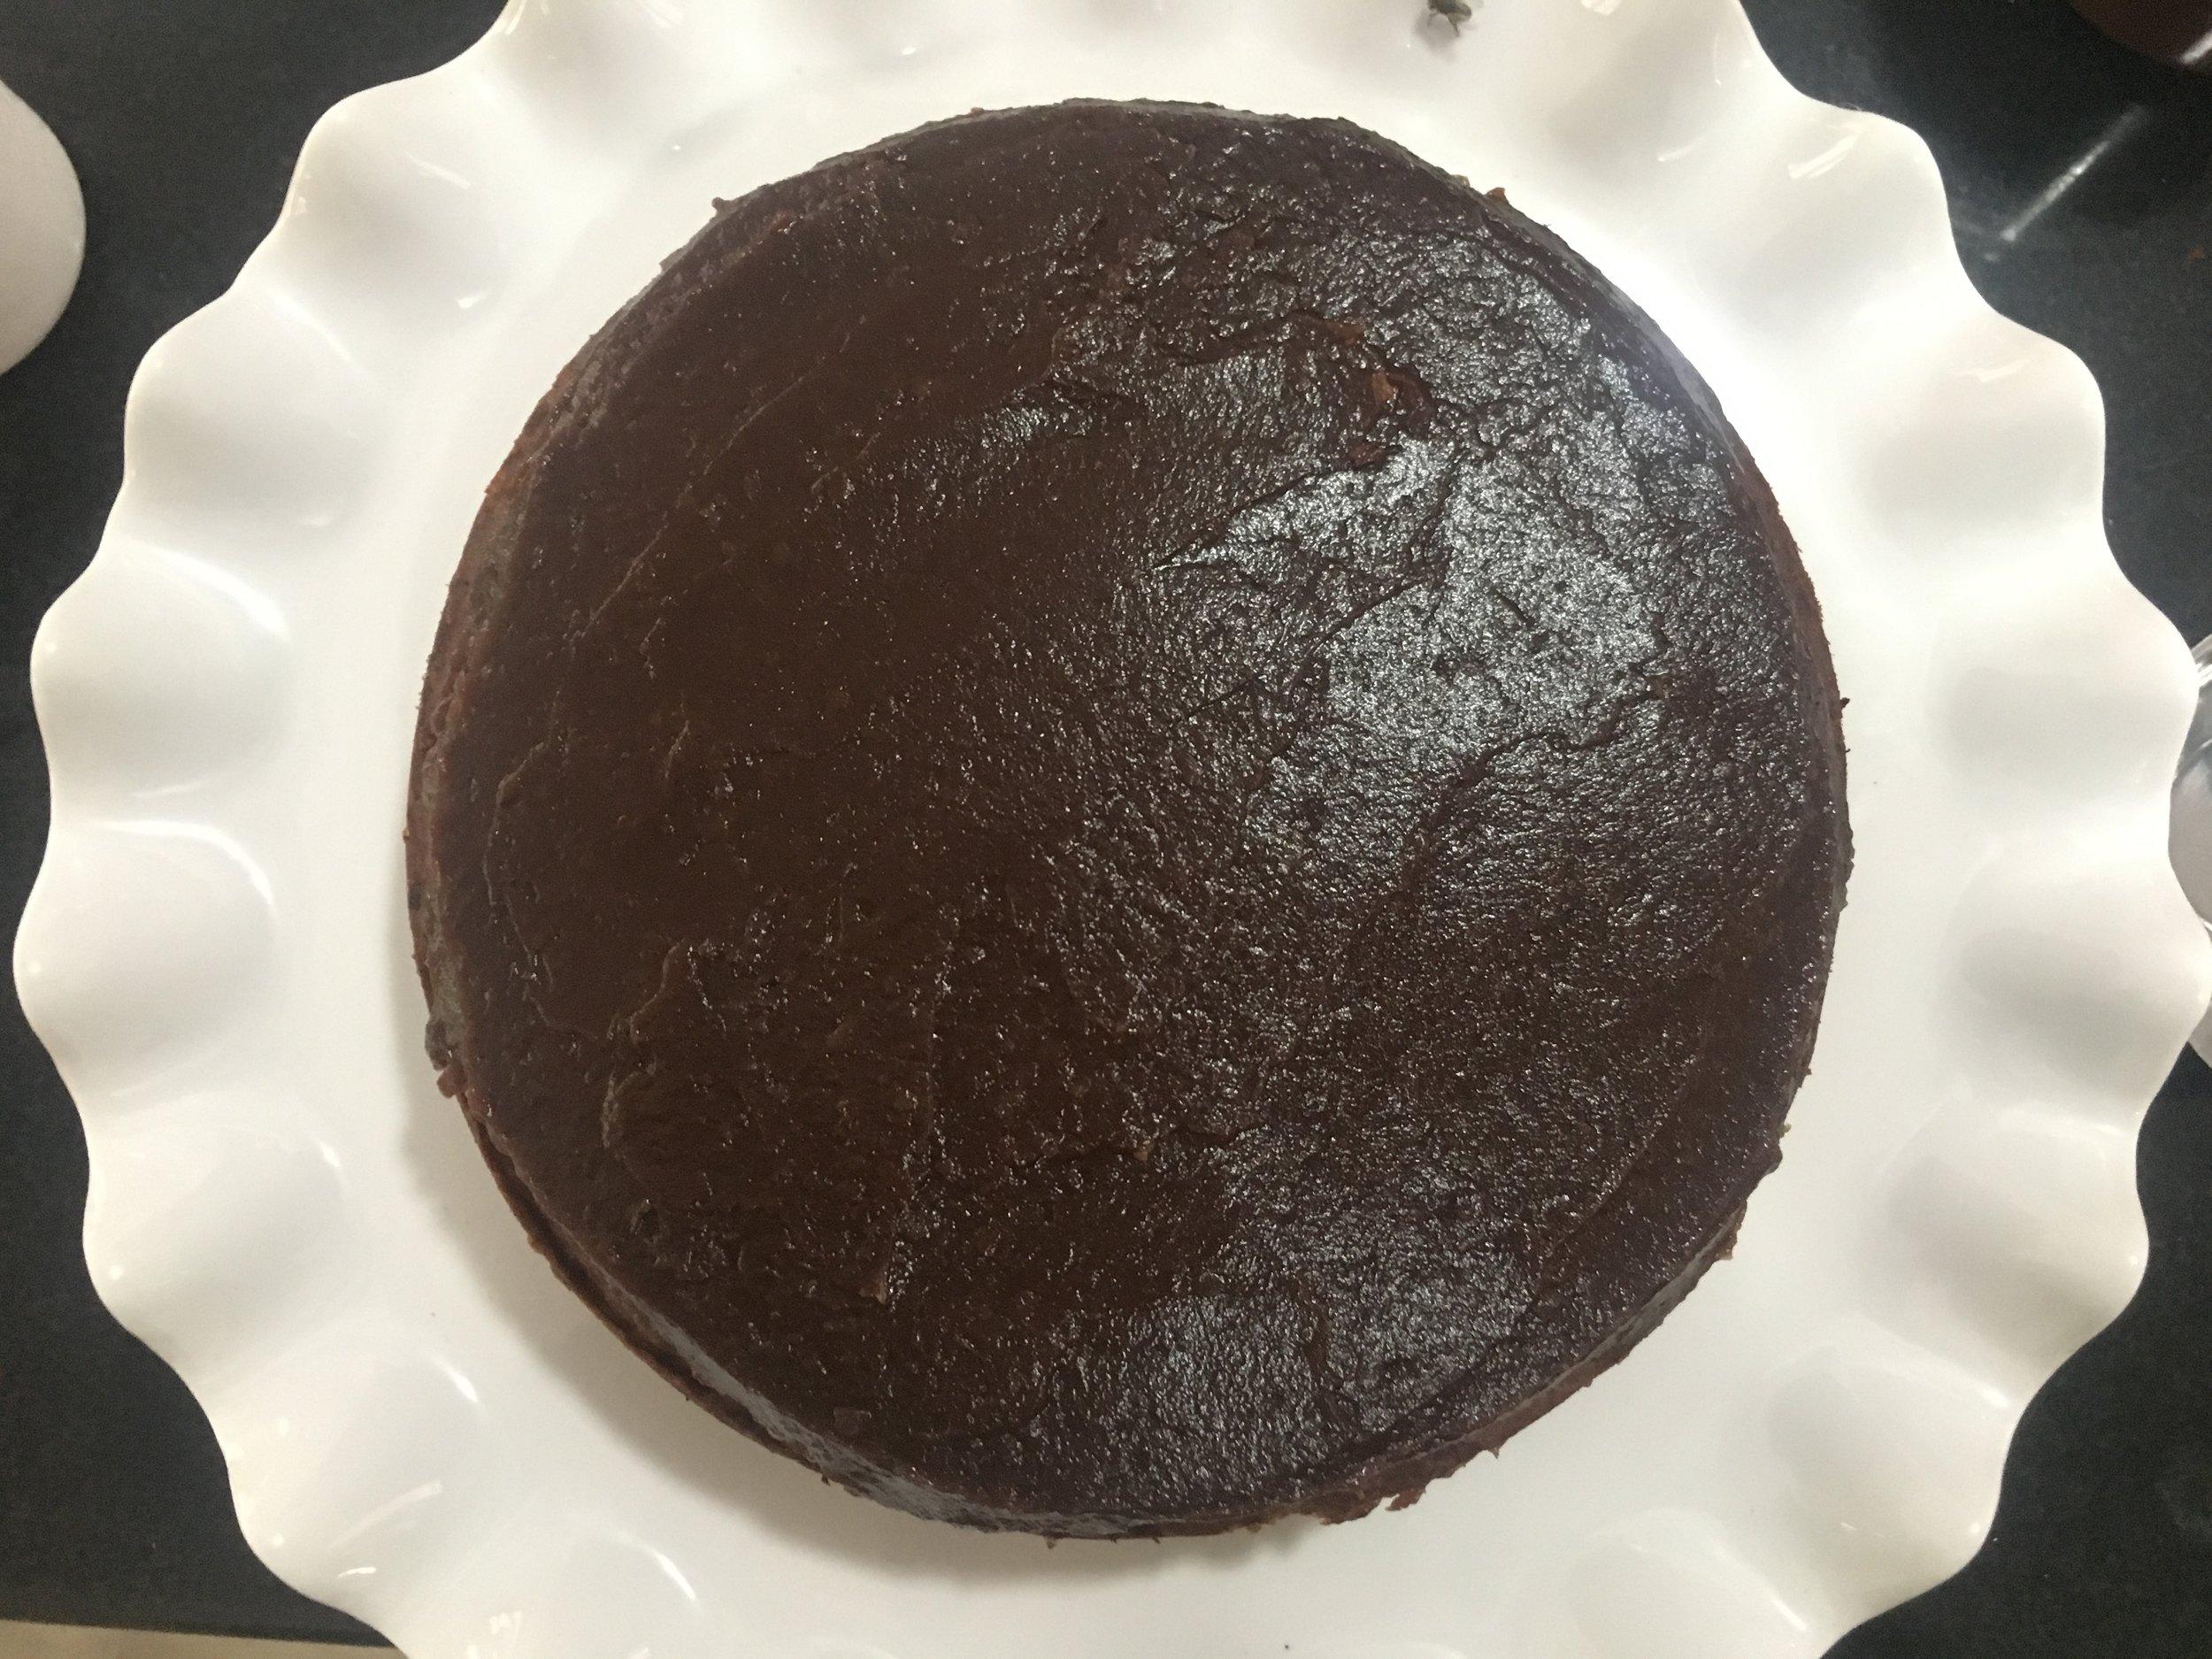 nivelando-a bem para que receba o creme de chocolate. Aproveite para a certar alguma imperfeição da superfície do bolo com a pasta.